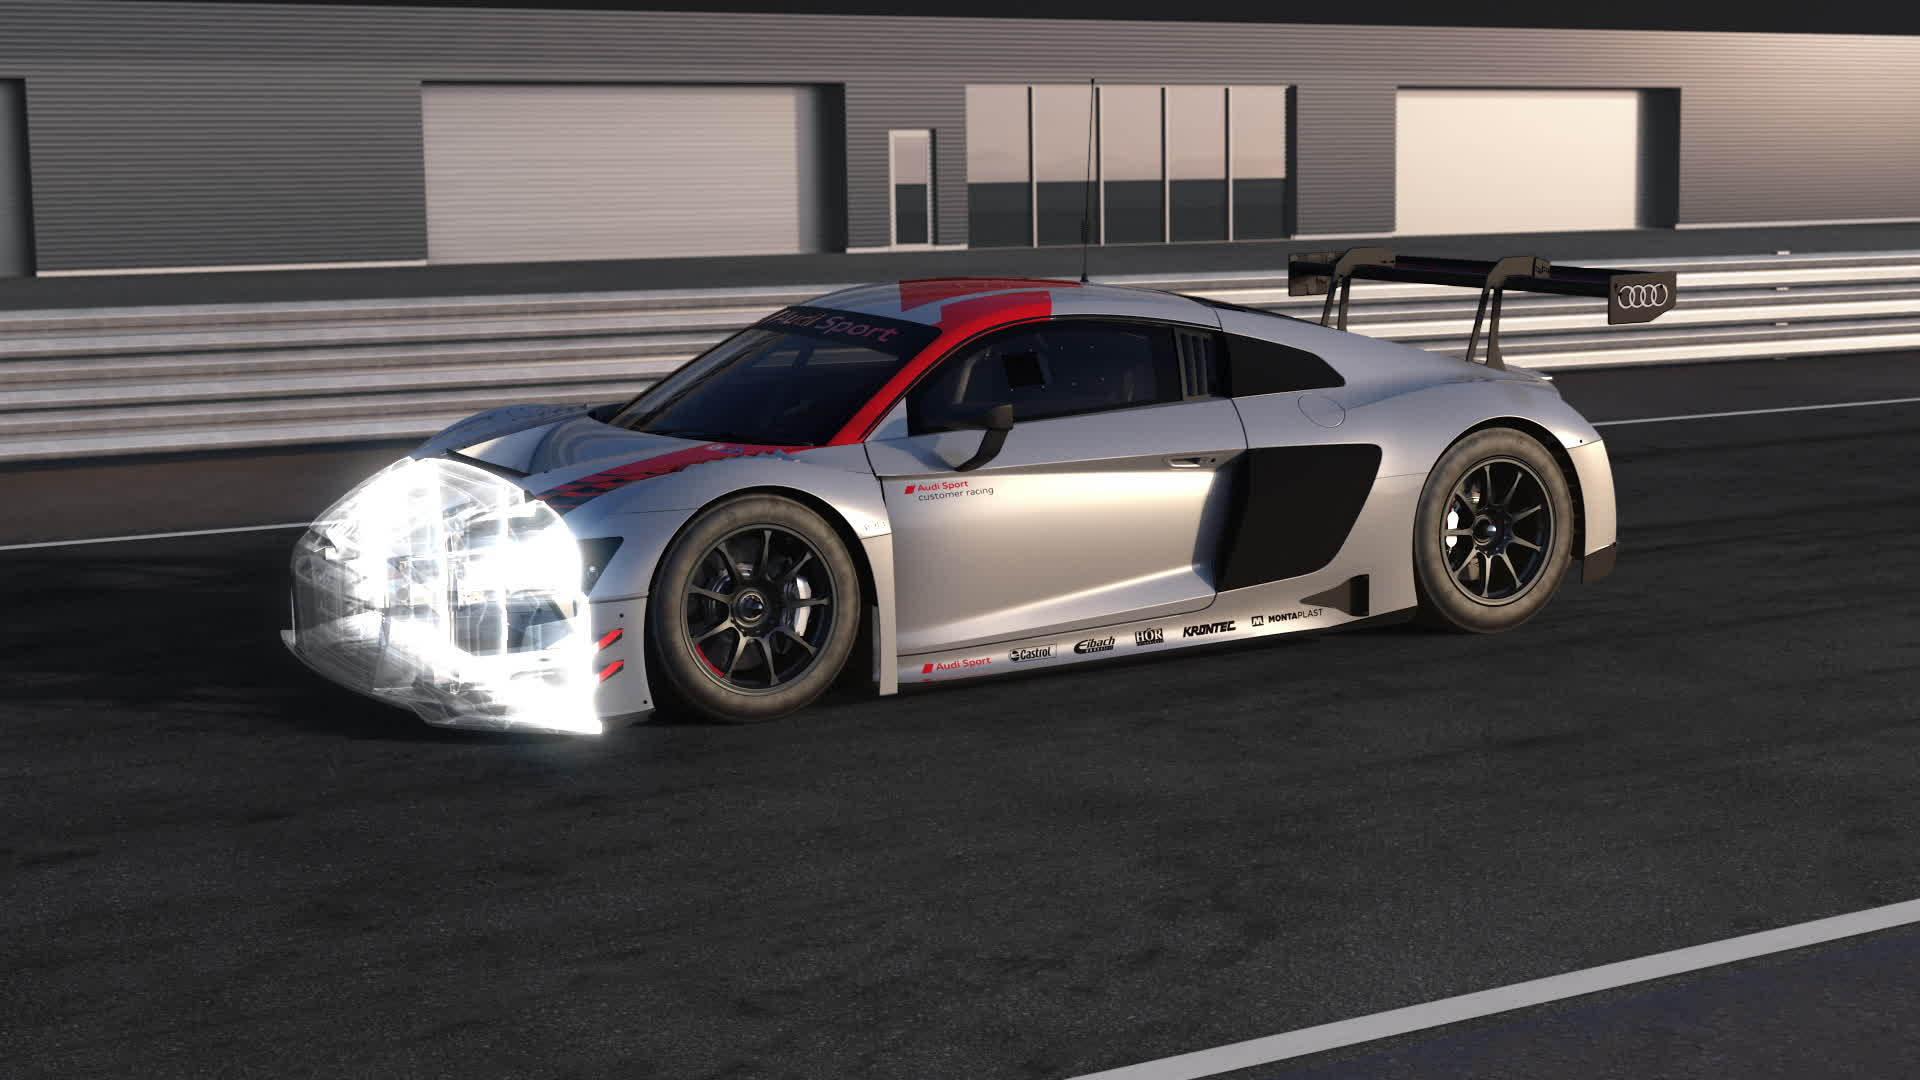 Audi R8 LMS und Audi R8 V10 performance quattro – Sicherheitskonzept und Antriebsstrang (Animation)